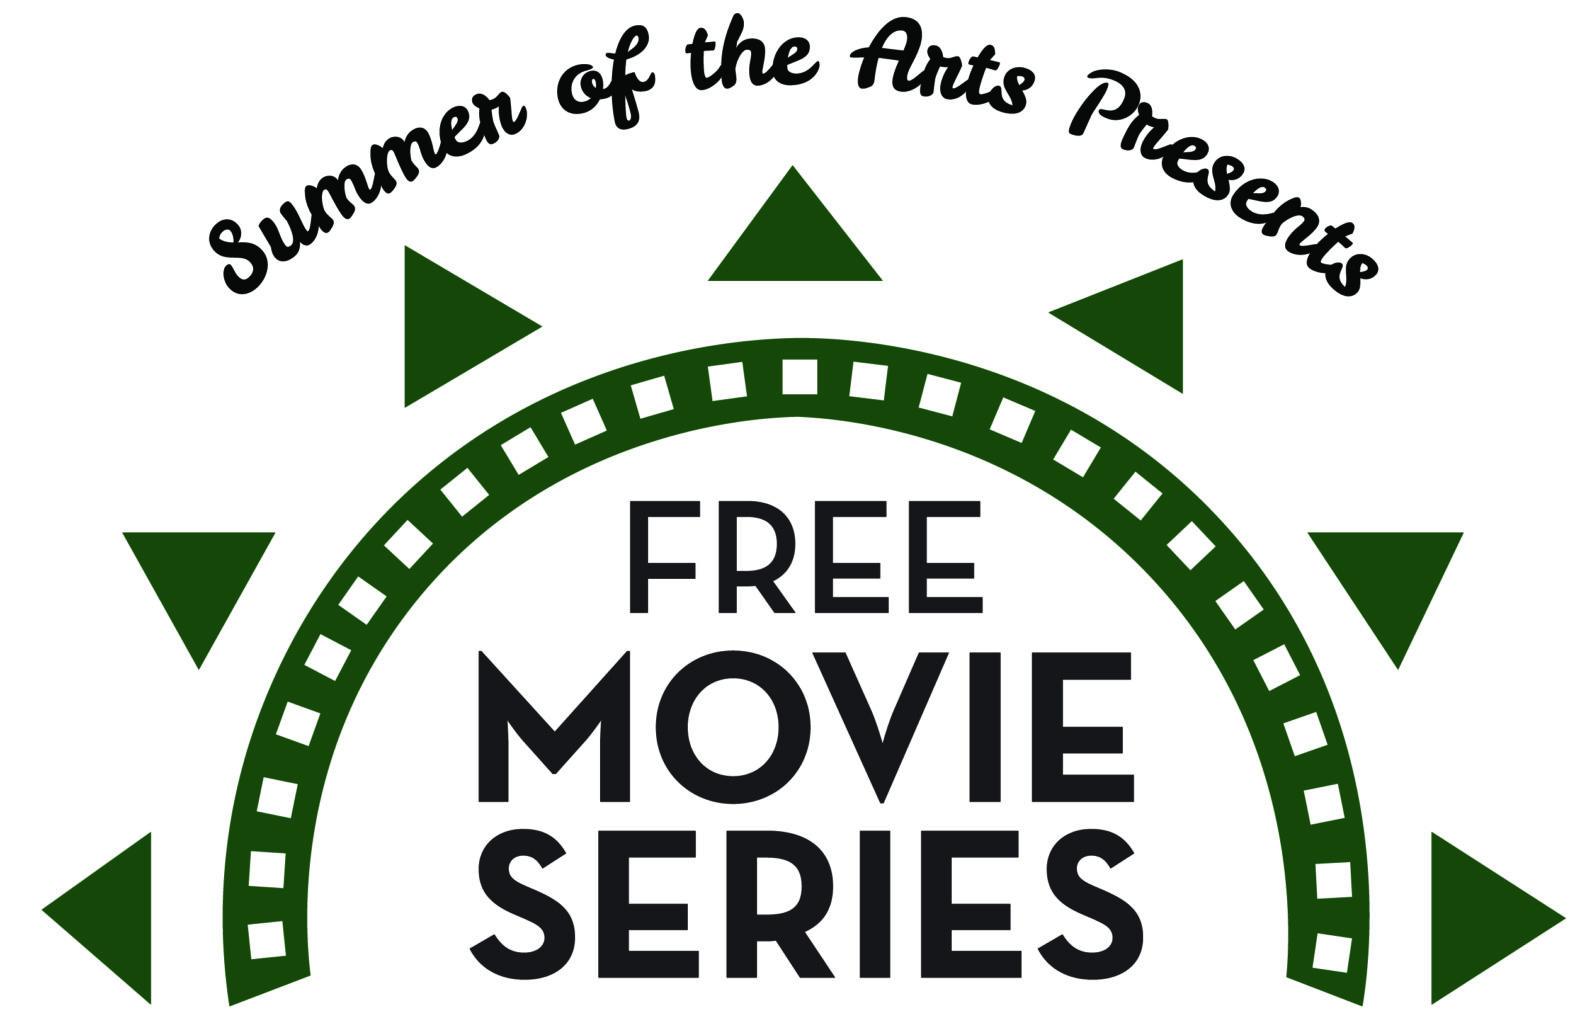 Free Movie Series